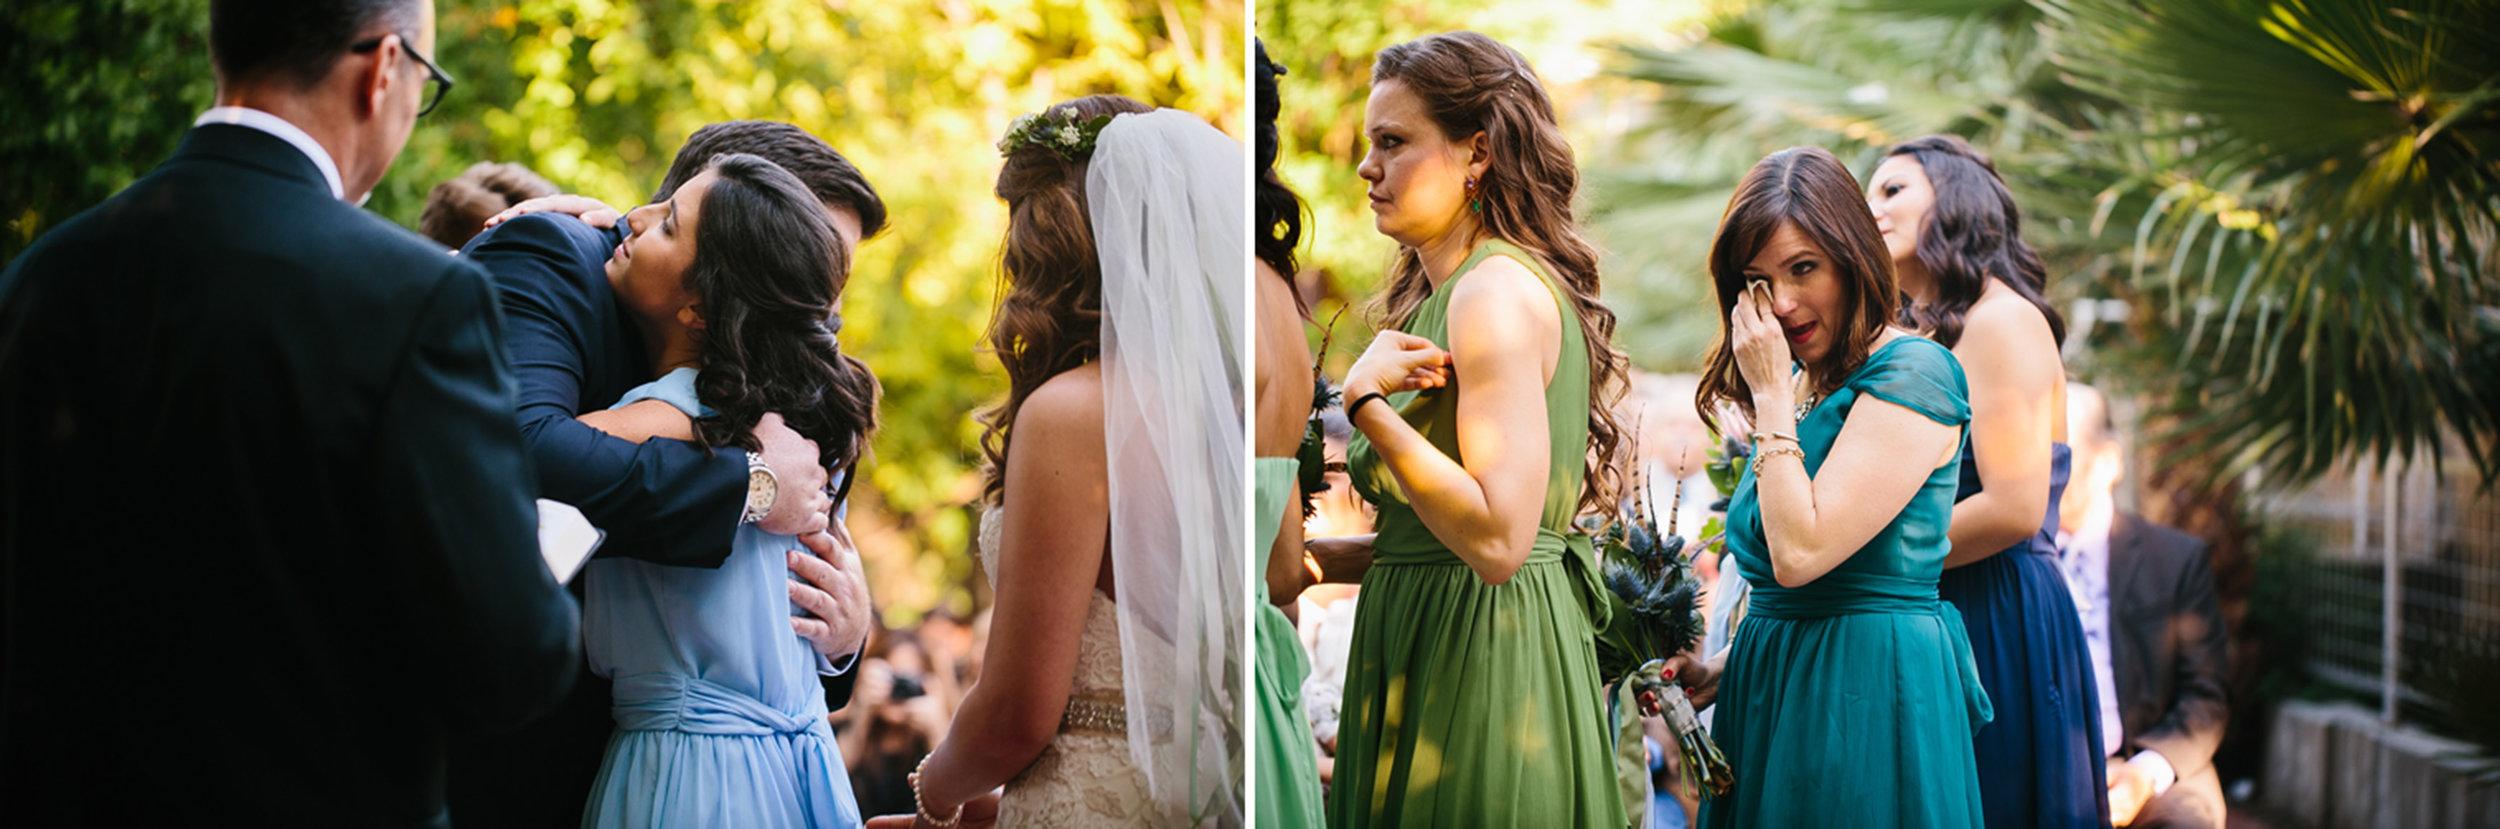 Austin_WeddingPhotographer019.jpg